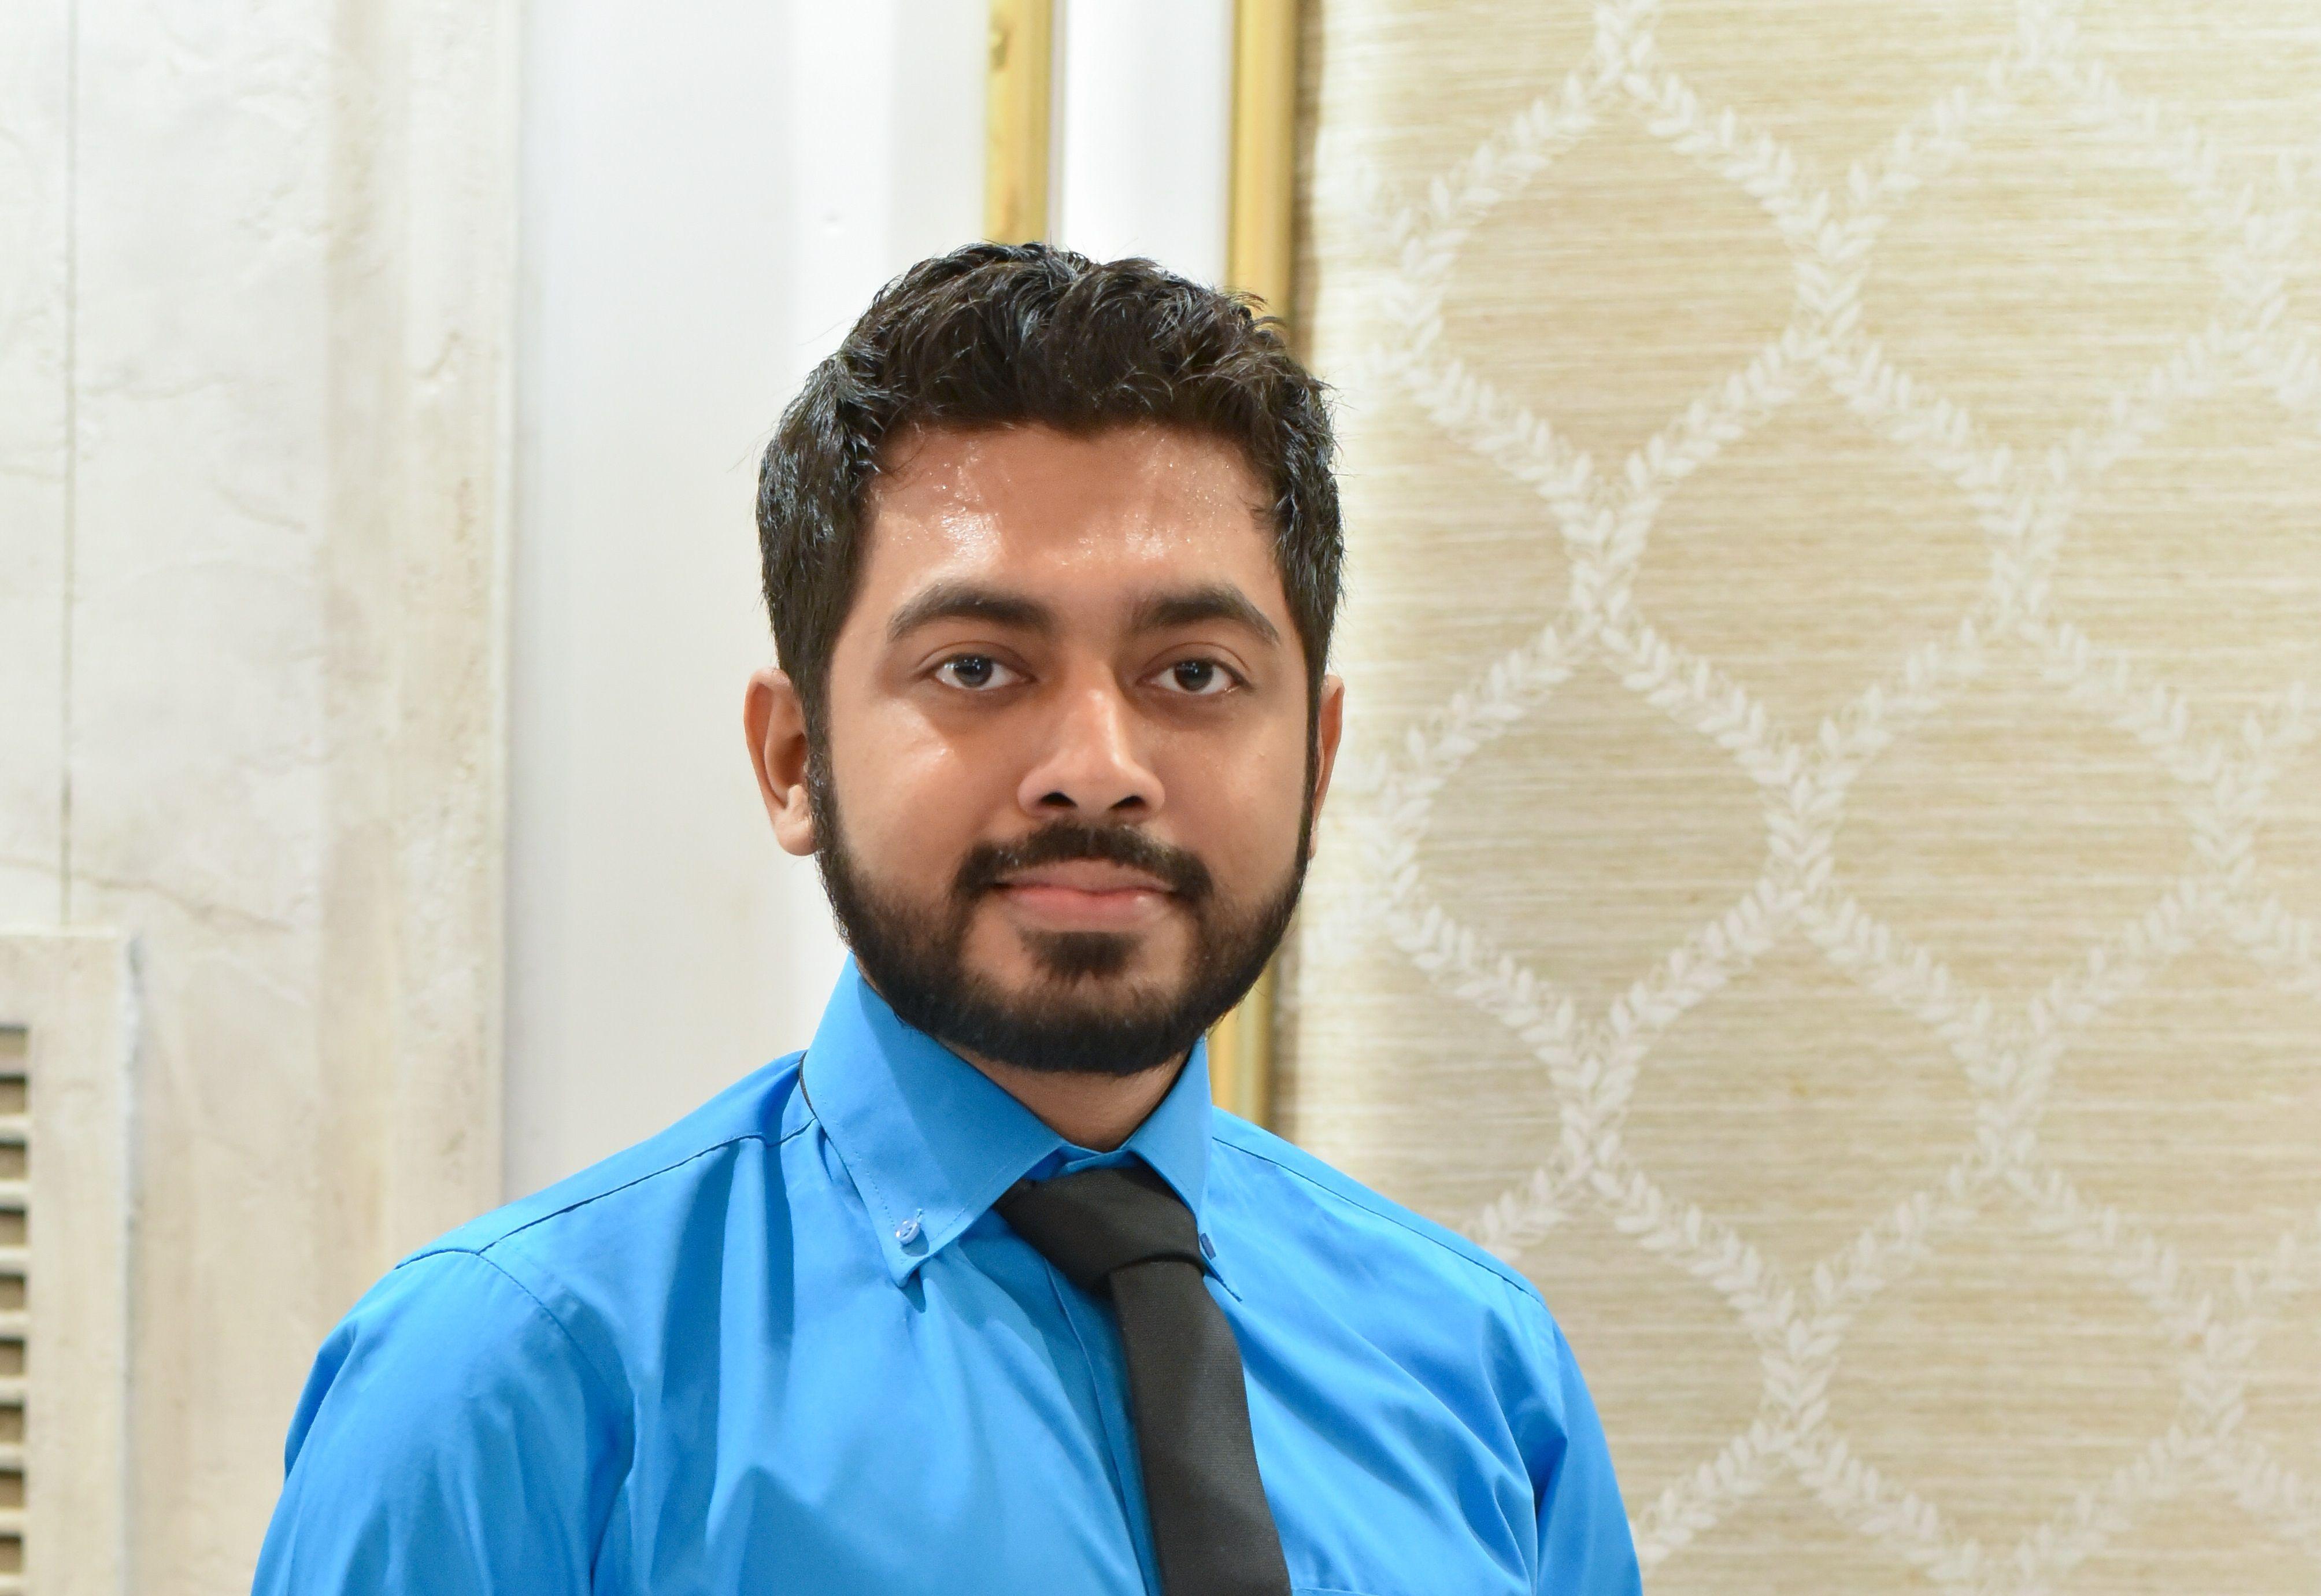 Faizan Haider Hacker Noon profile picture